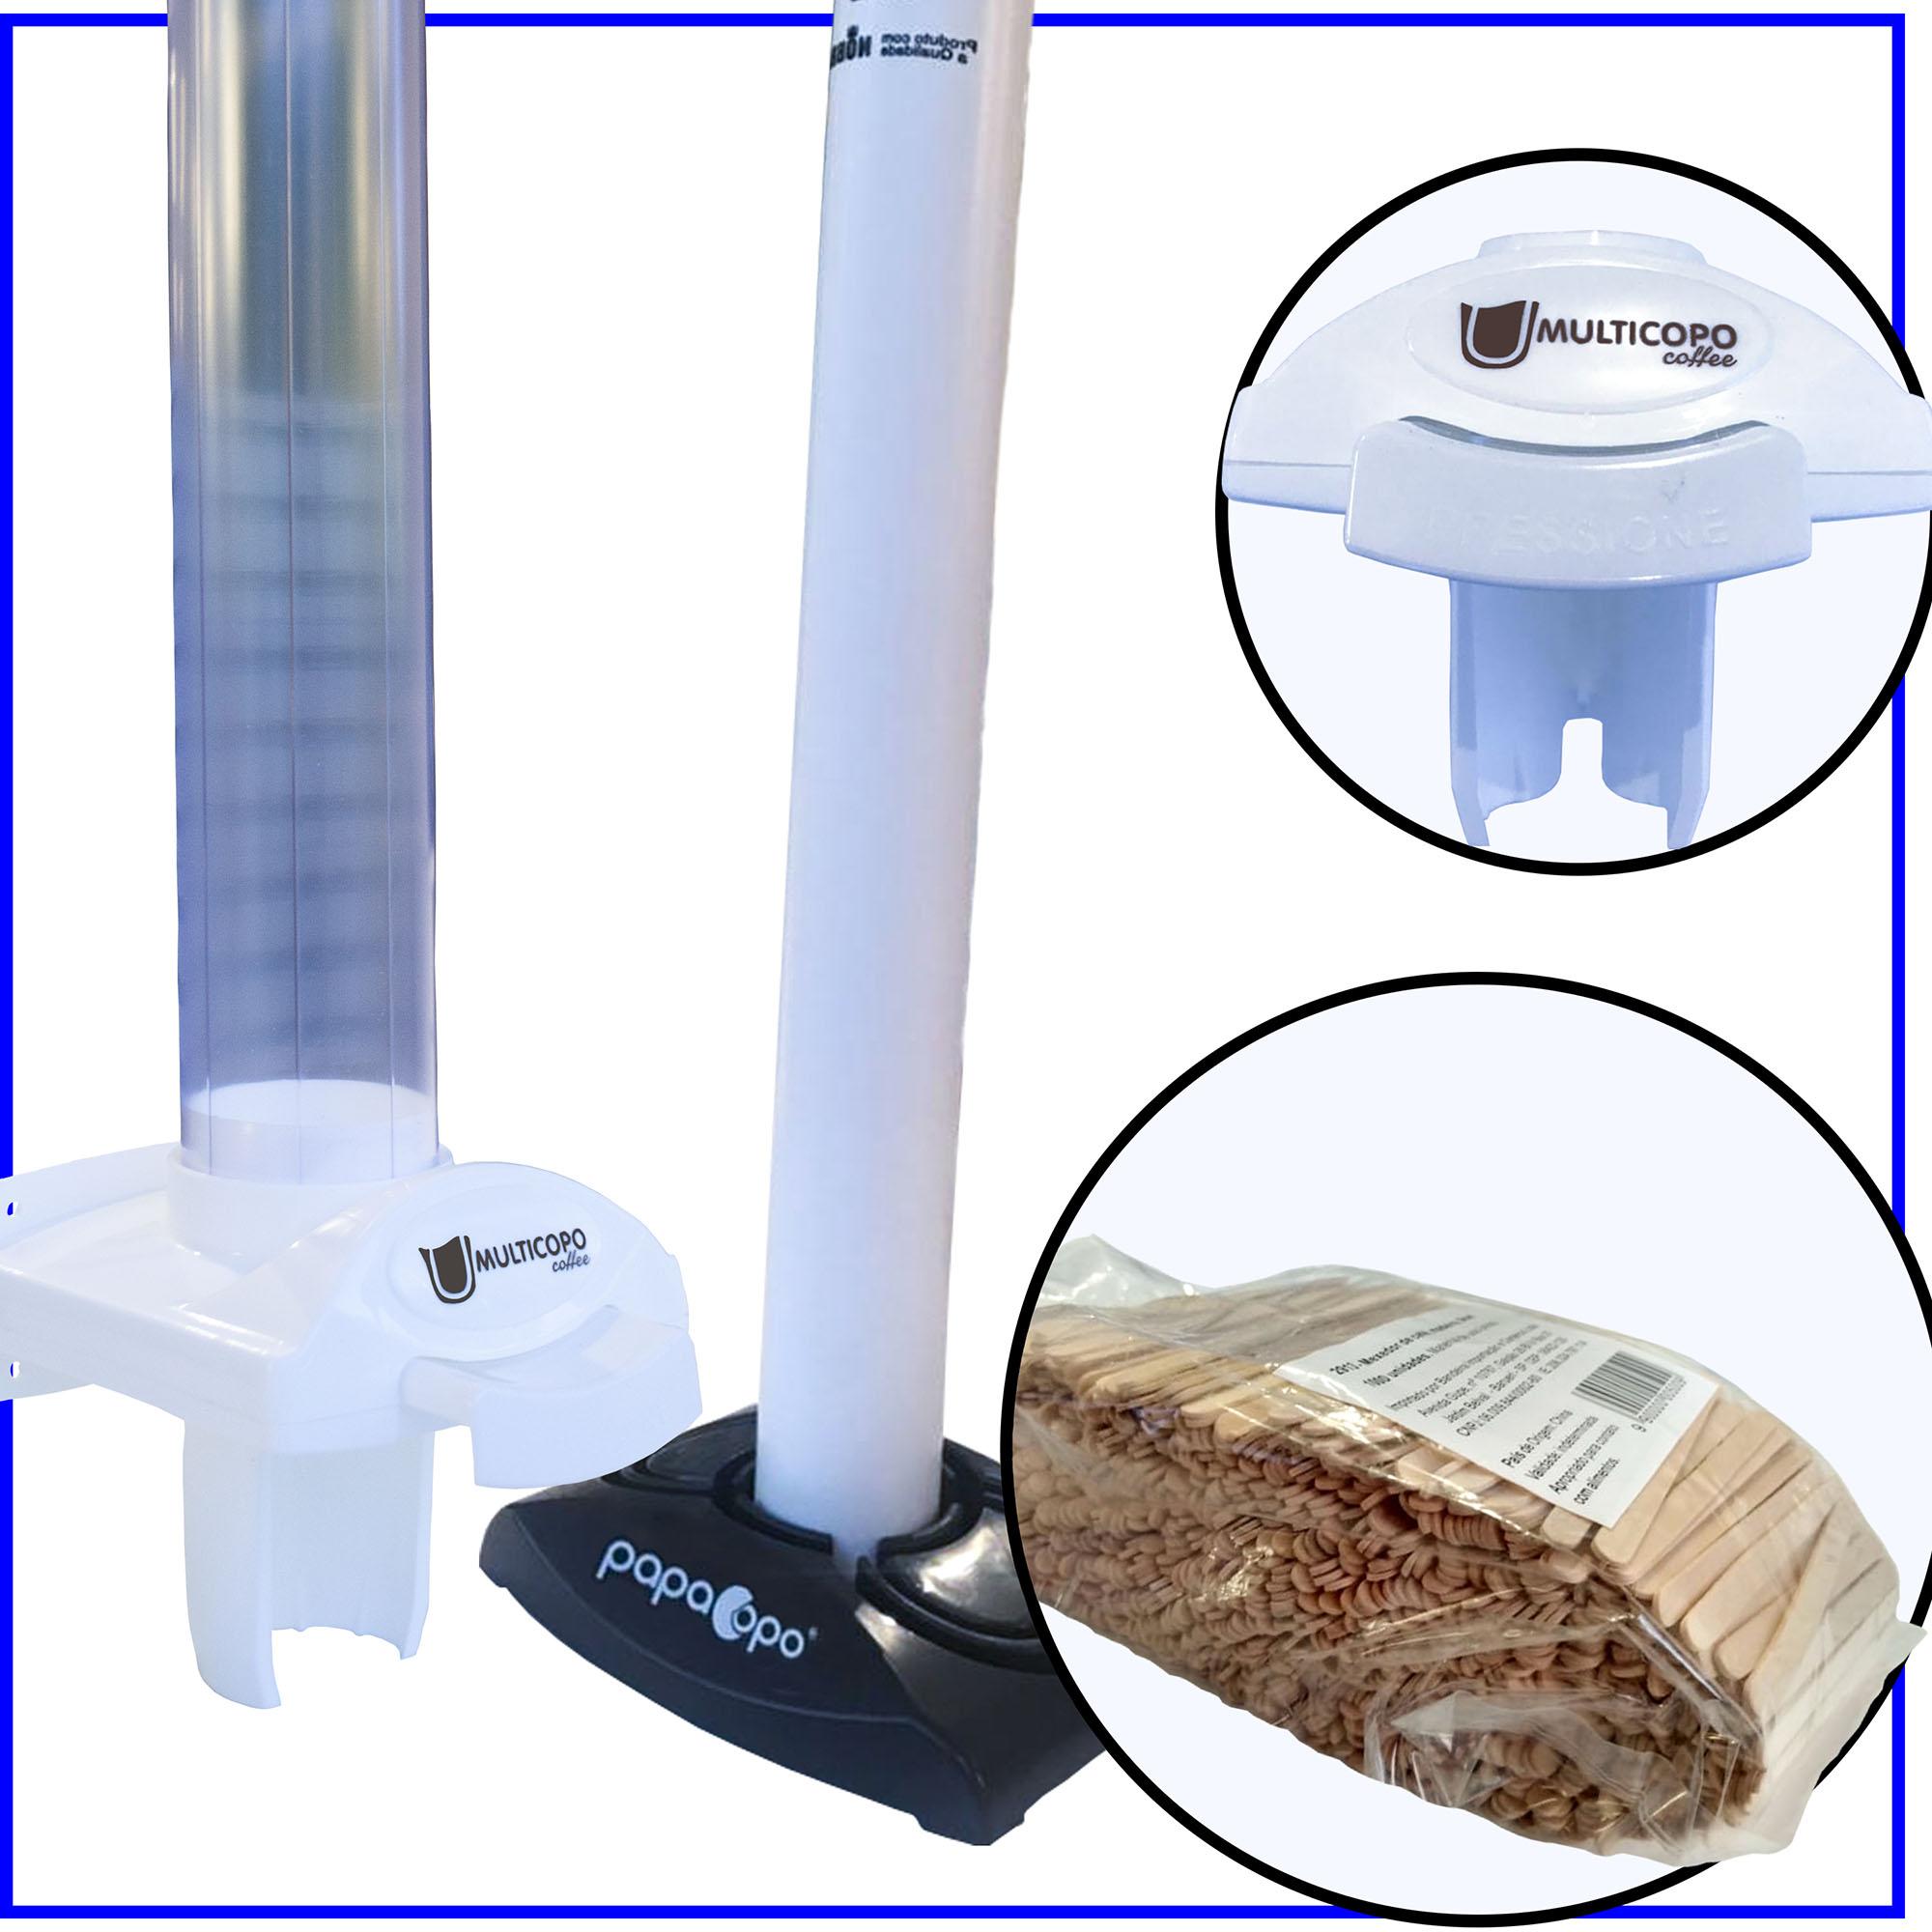 Dispenser Poupa Copos Café + Lixeira Dispensador + Mexedor